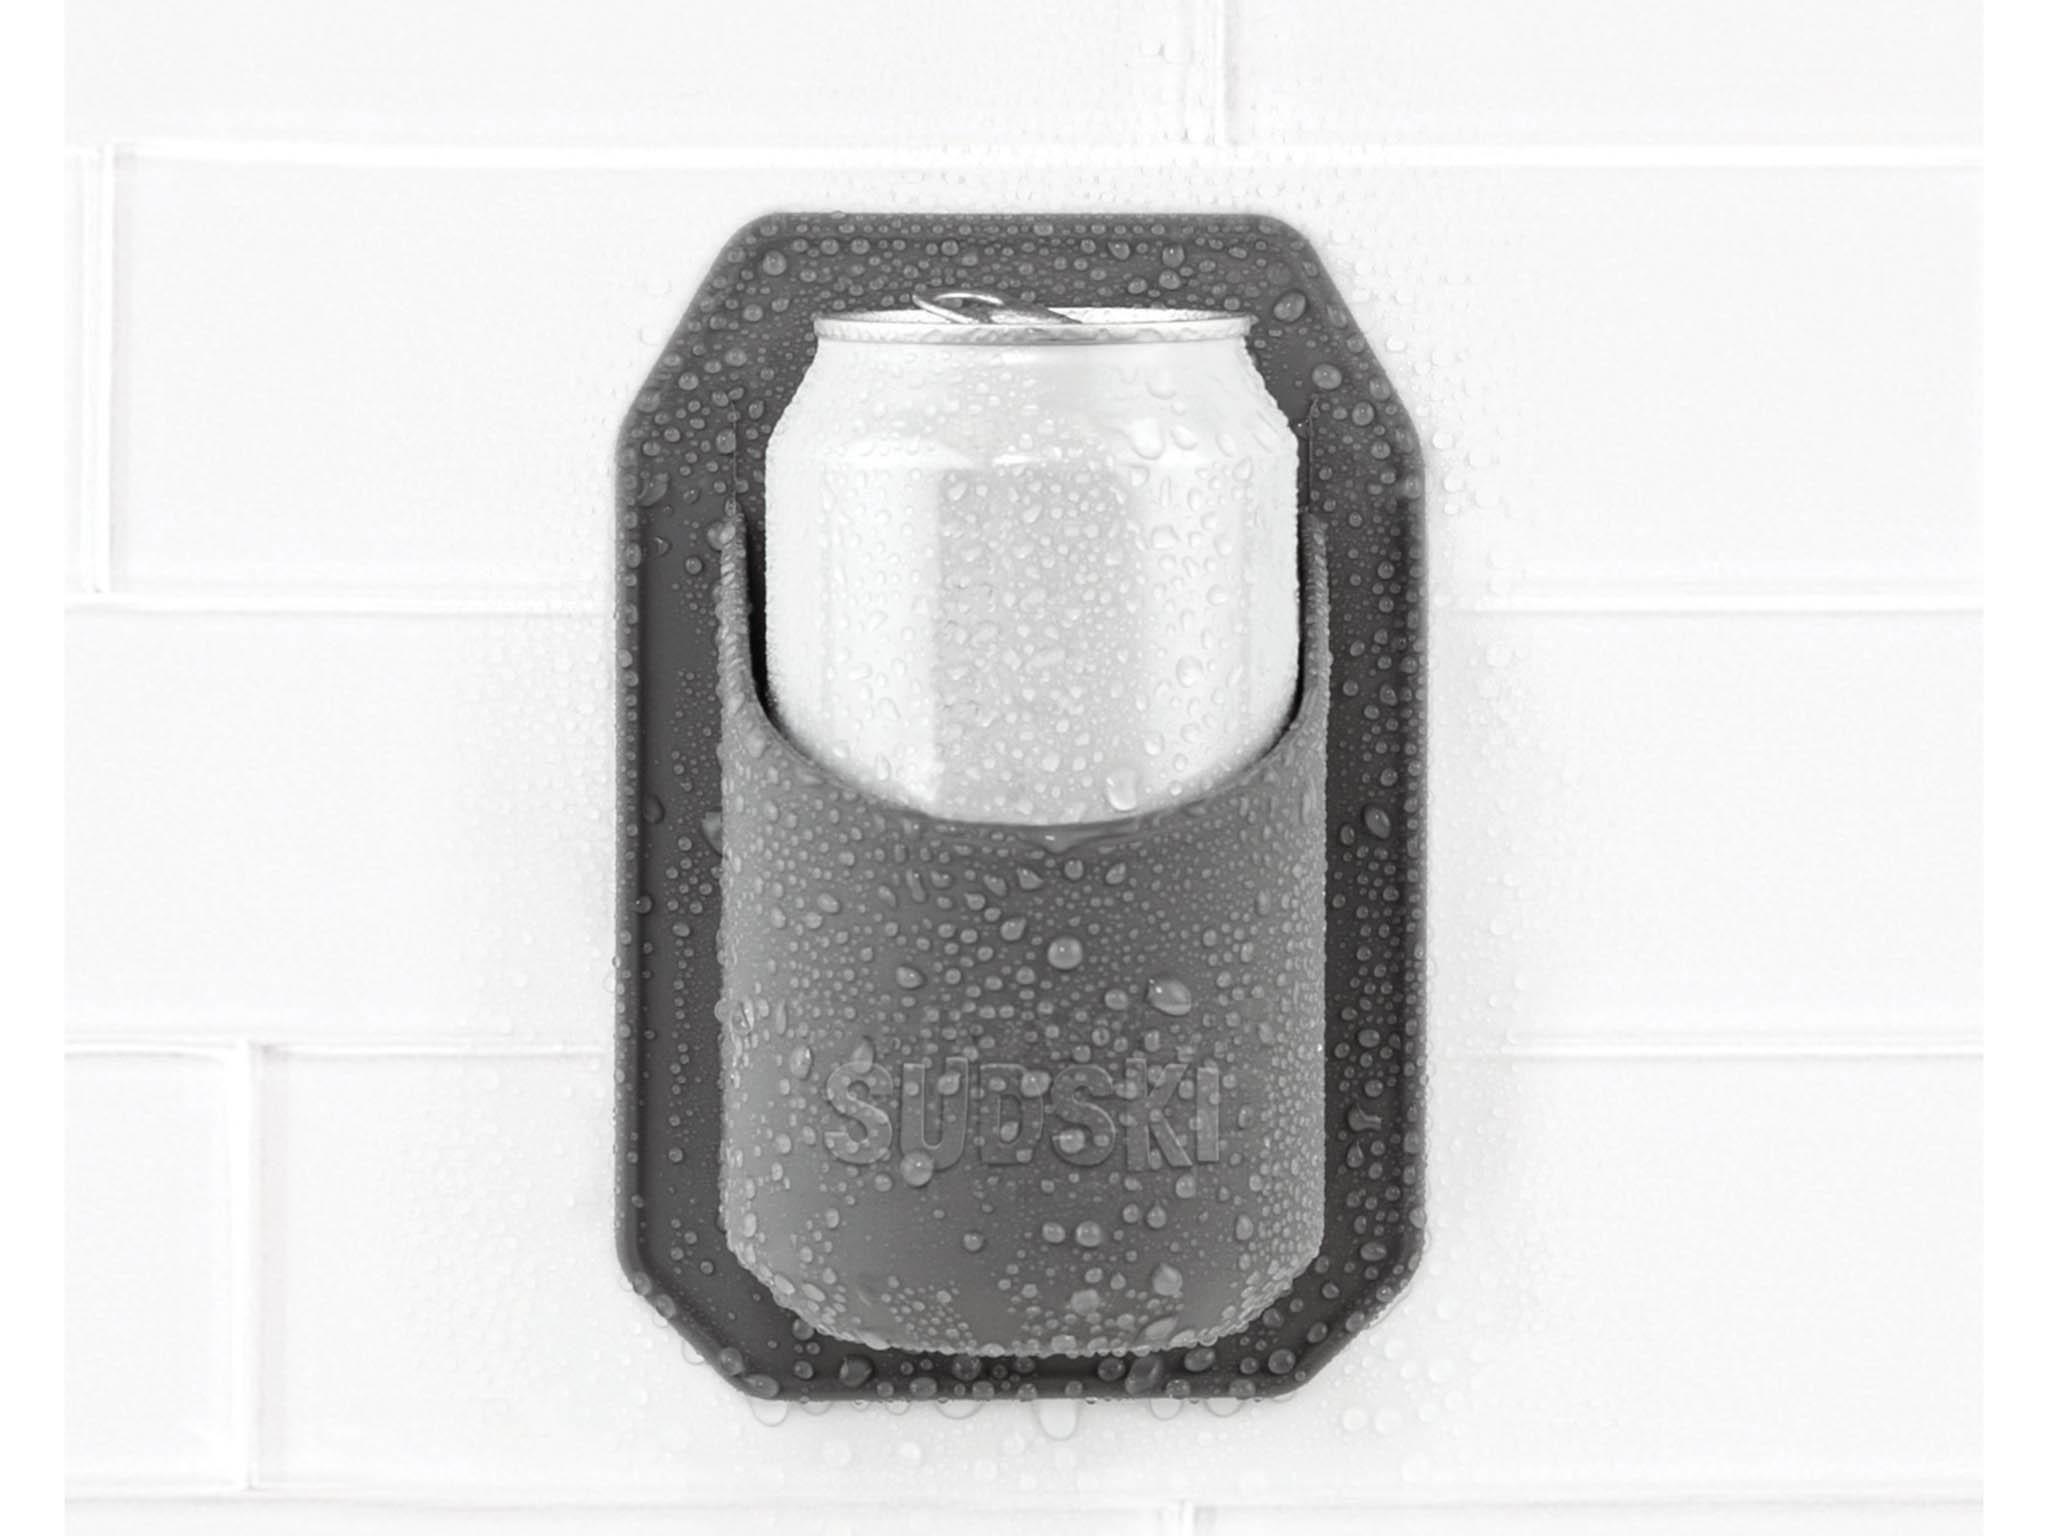 shower beer holder indybest